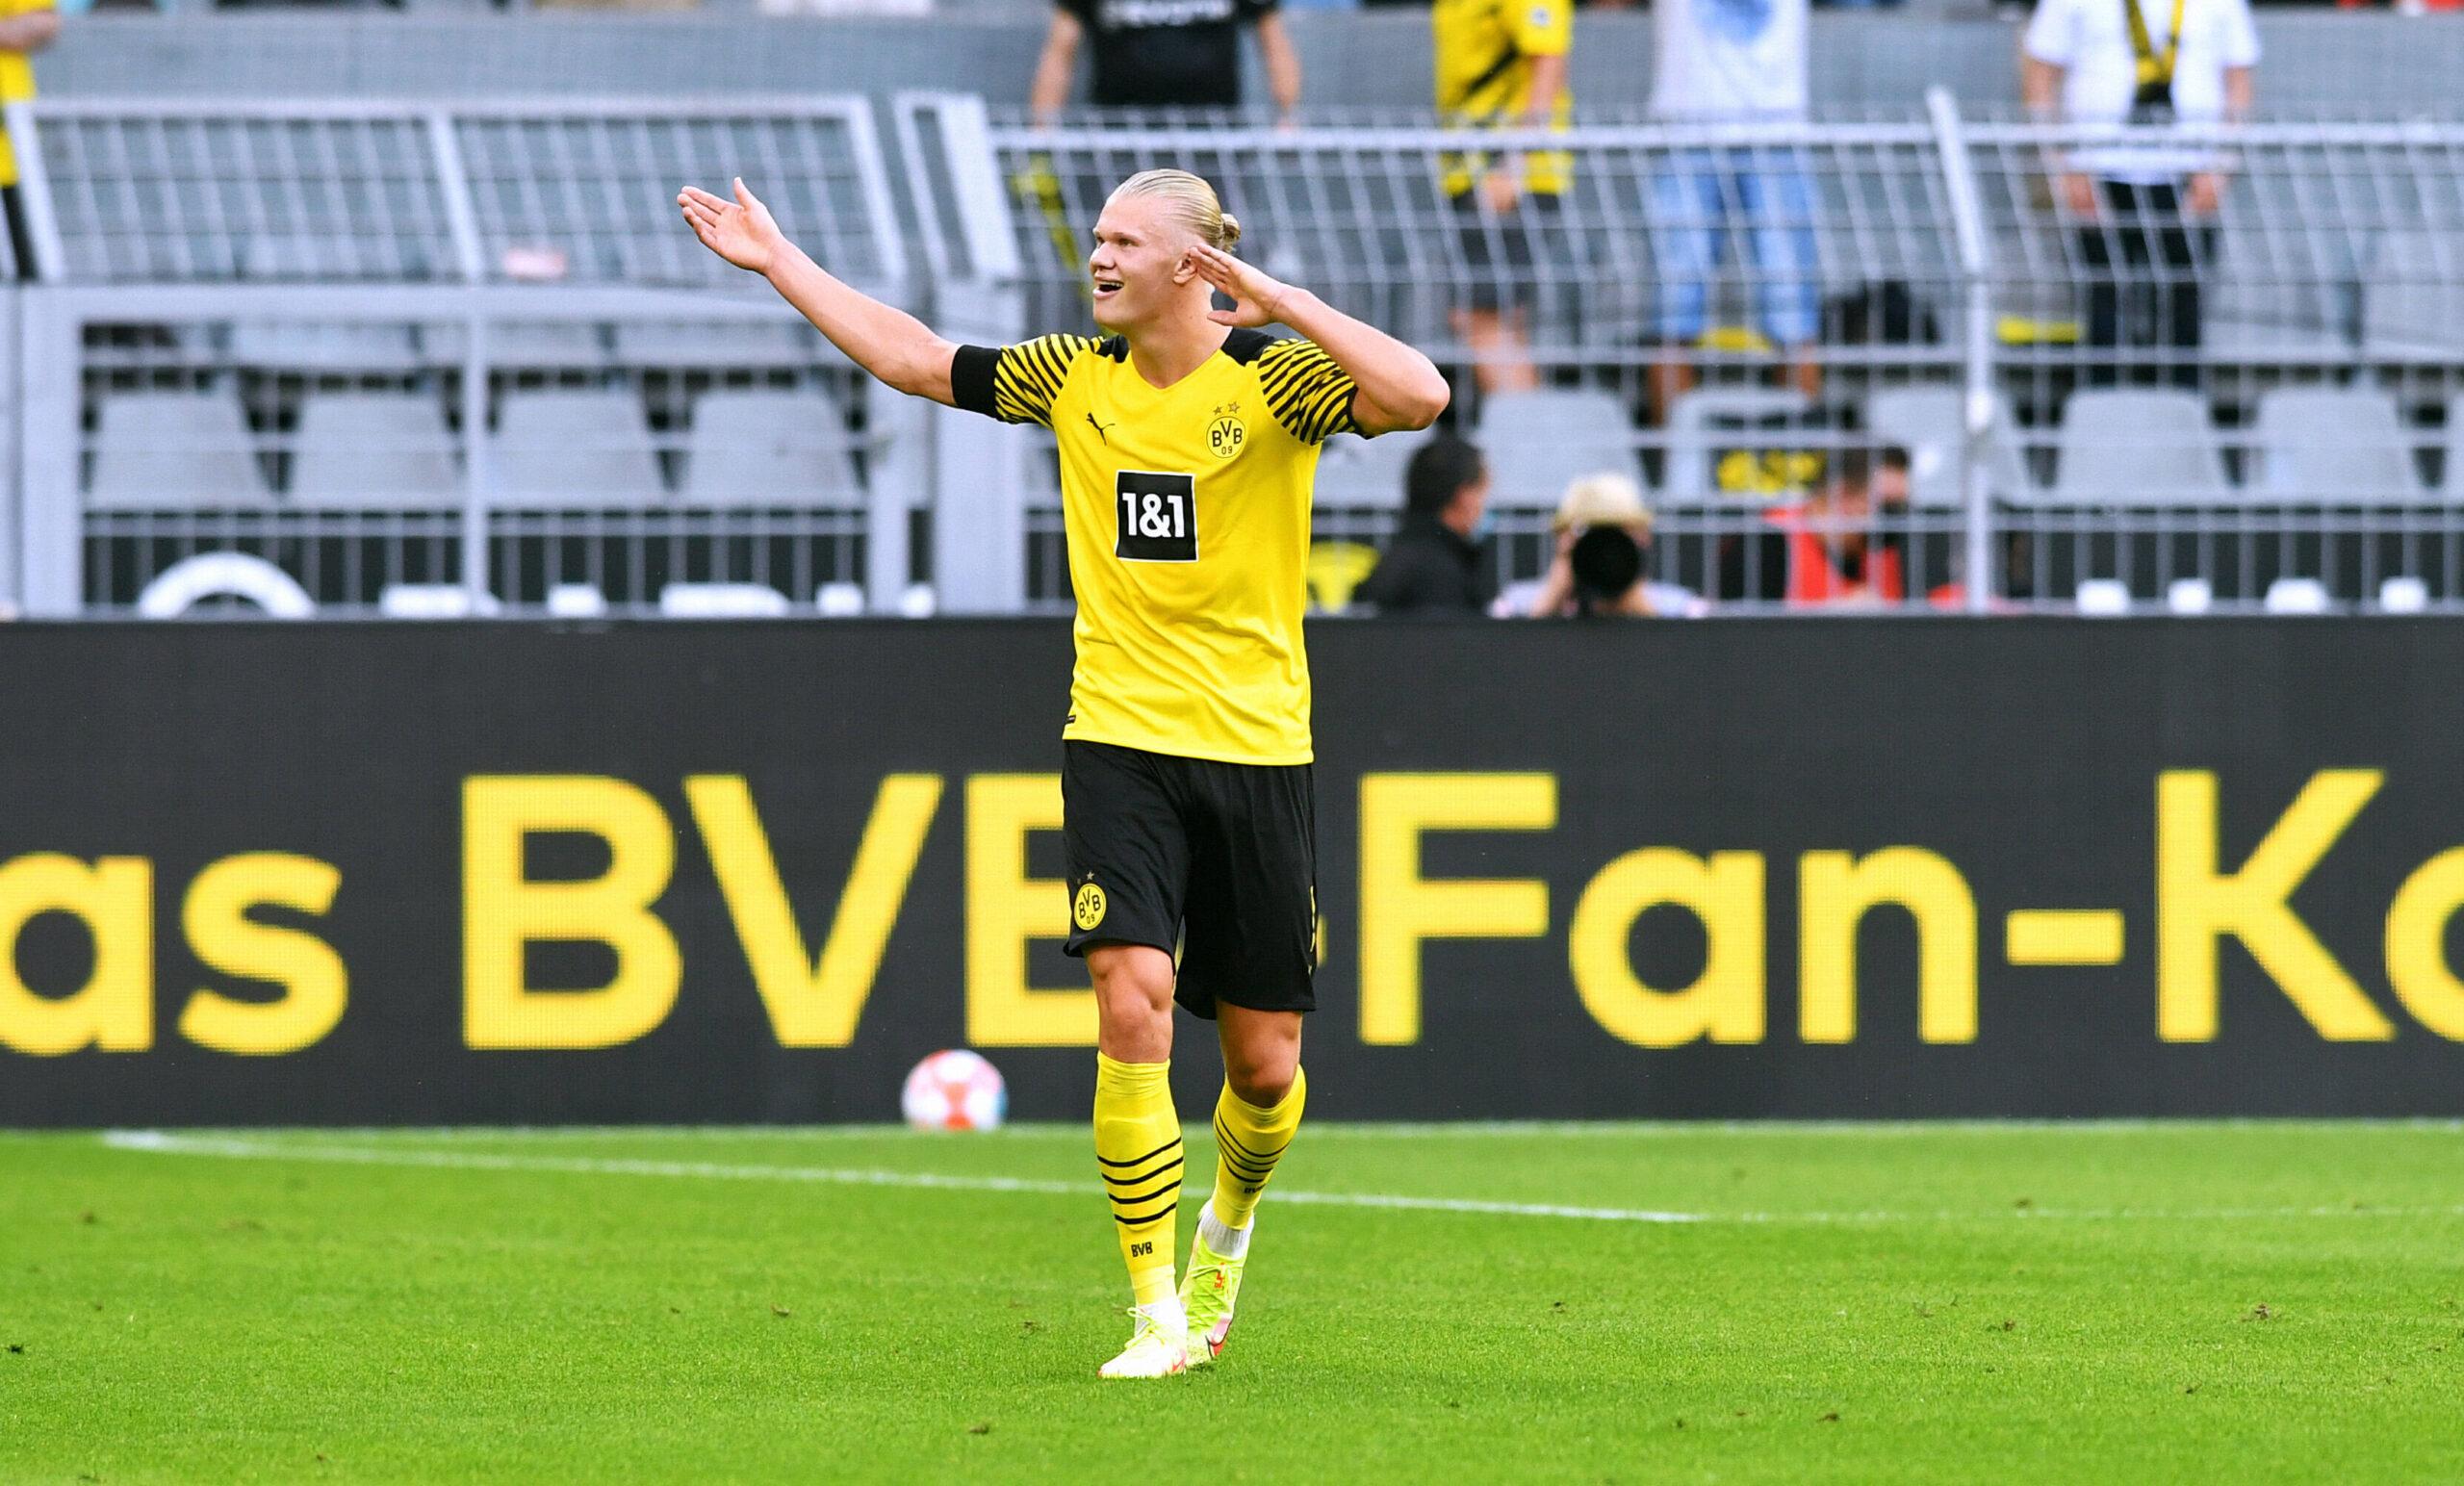 Erling Haaland el gran lider de la victoria por 5:1 de Borussia Dortmund sobre Eintracht Frankfurt. Foto: Imago.